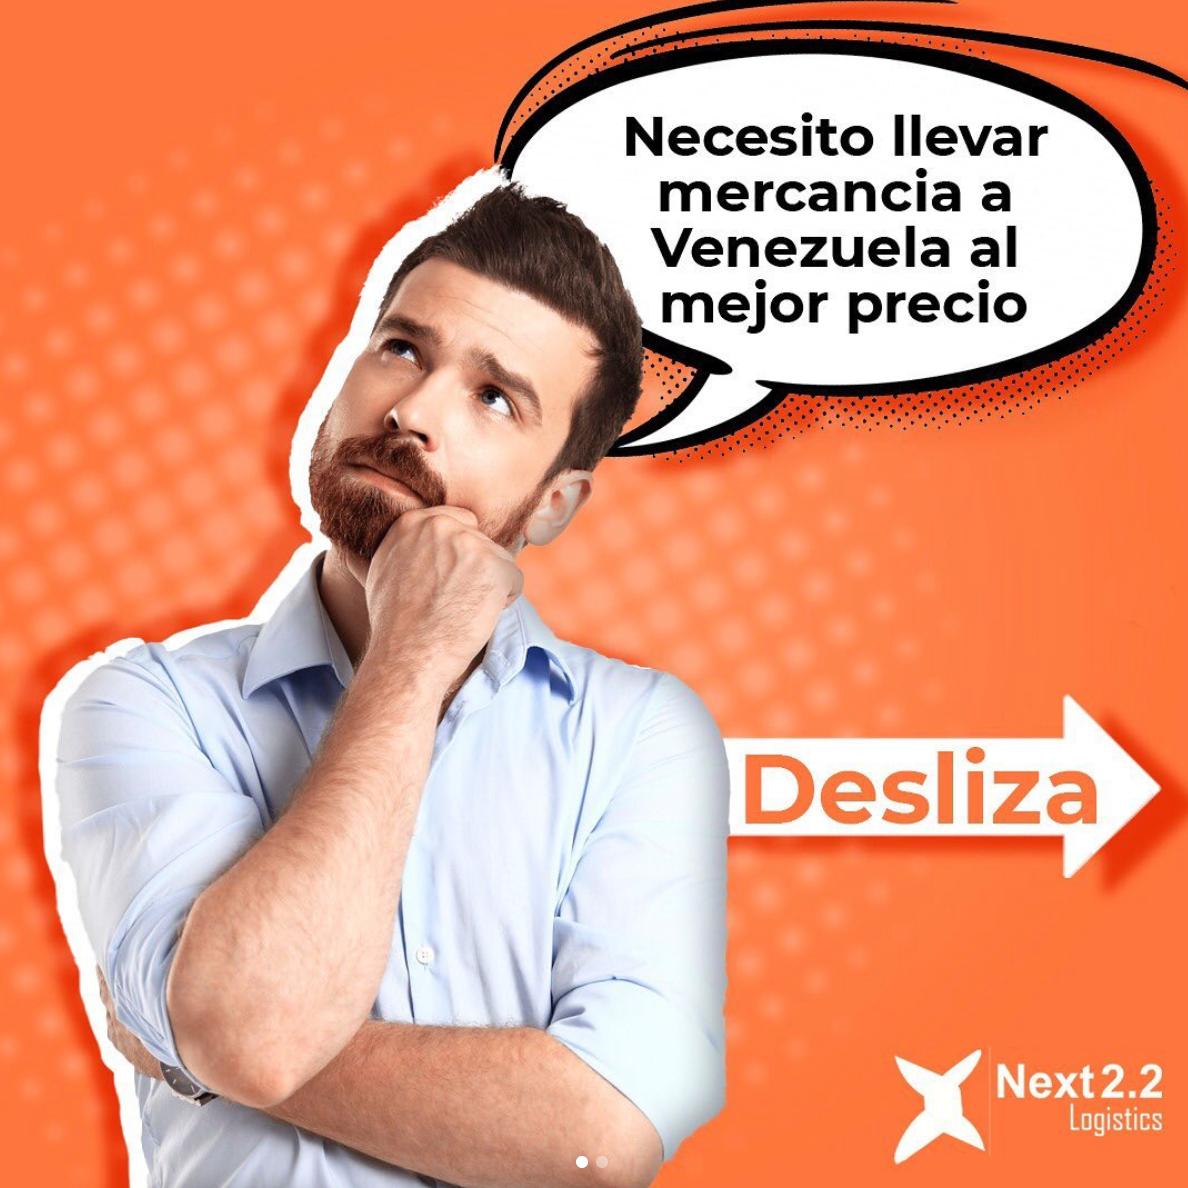 Envíos económicos a Venezuela dese Panamá